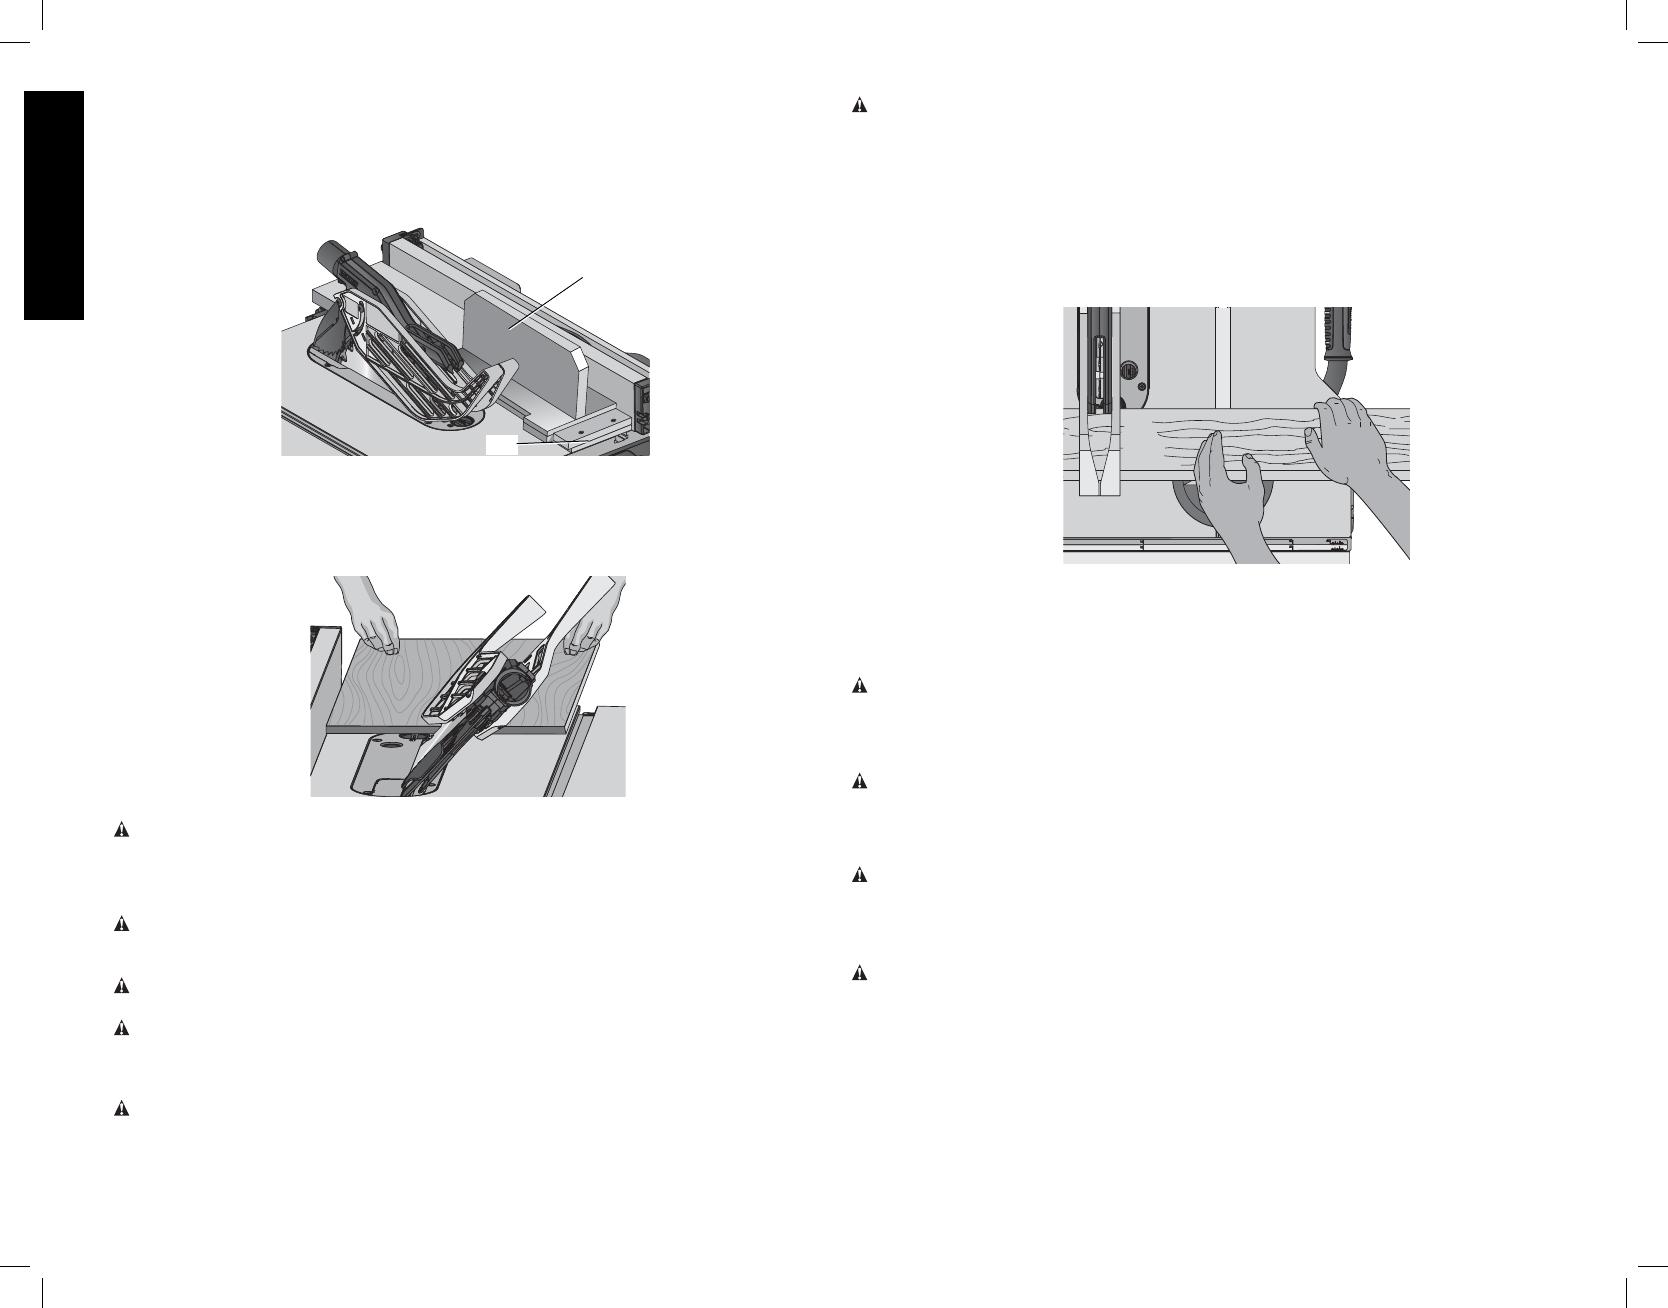 Dewalt Dwe7490 Dwe7491 Bevel Crosscutting Mitering Fig 40